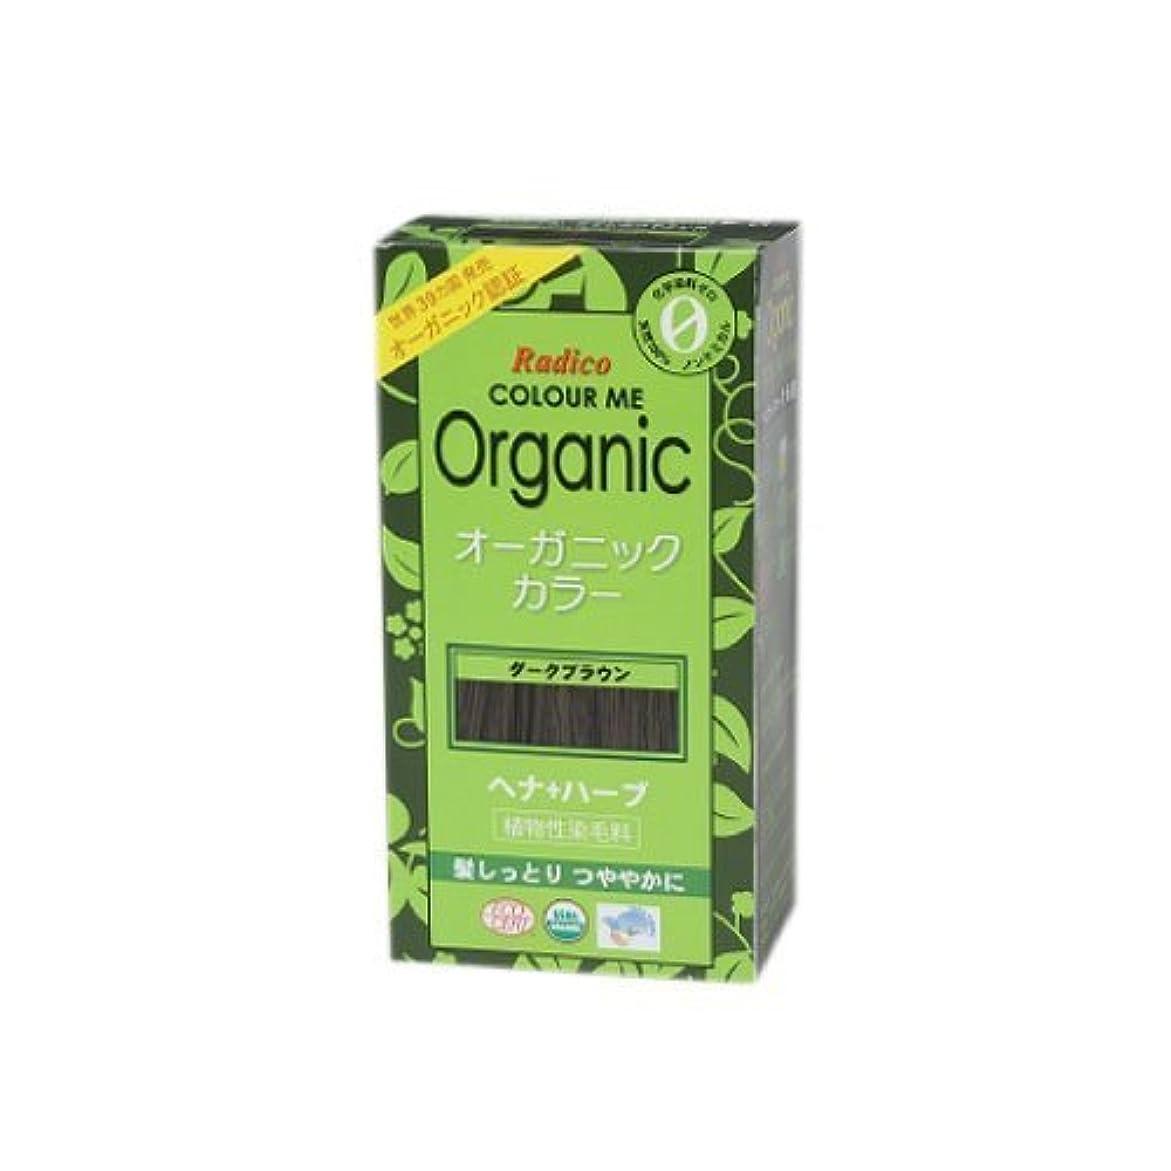 冷凍庫重なるトレードCOLOURME Organic (カラーミーオーガニック ヘナ 白髪用) ダークブラウン 100g